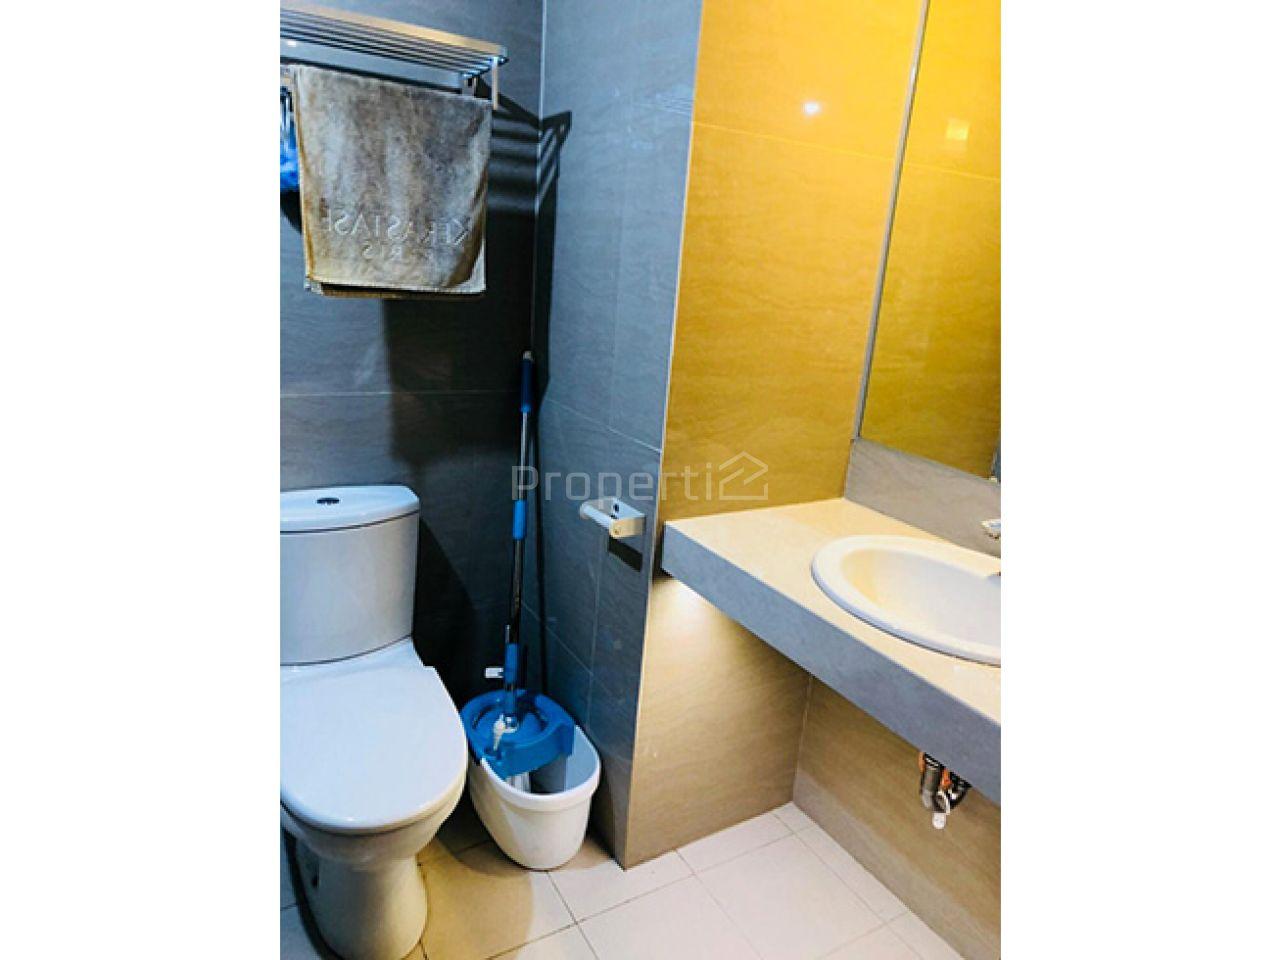 1BR Apartment Unit at Galeri Ciumbuleuit 3, 11th Floor, Cidadap